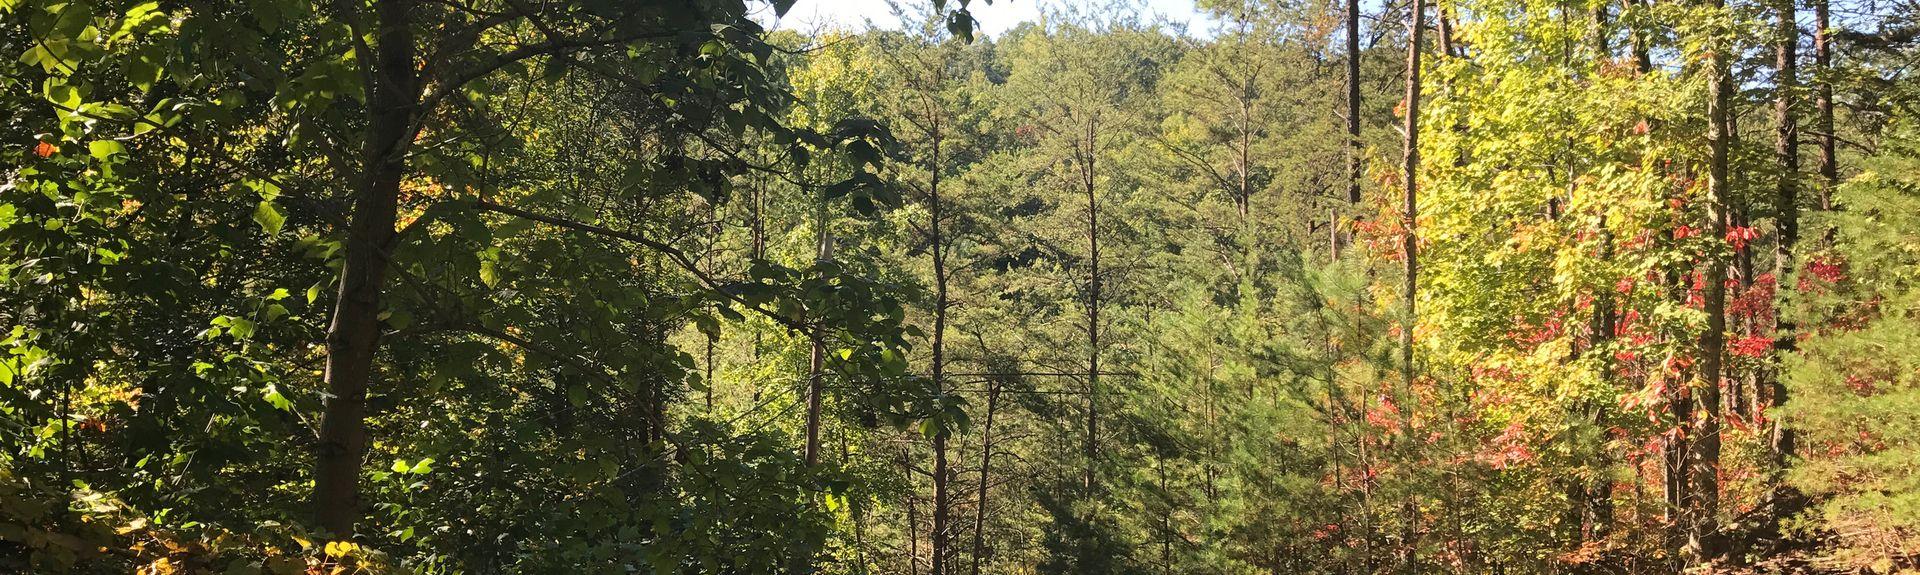 Sevierville, Tennessee, Yhdysvallat